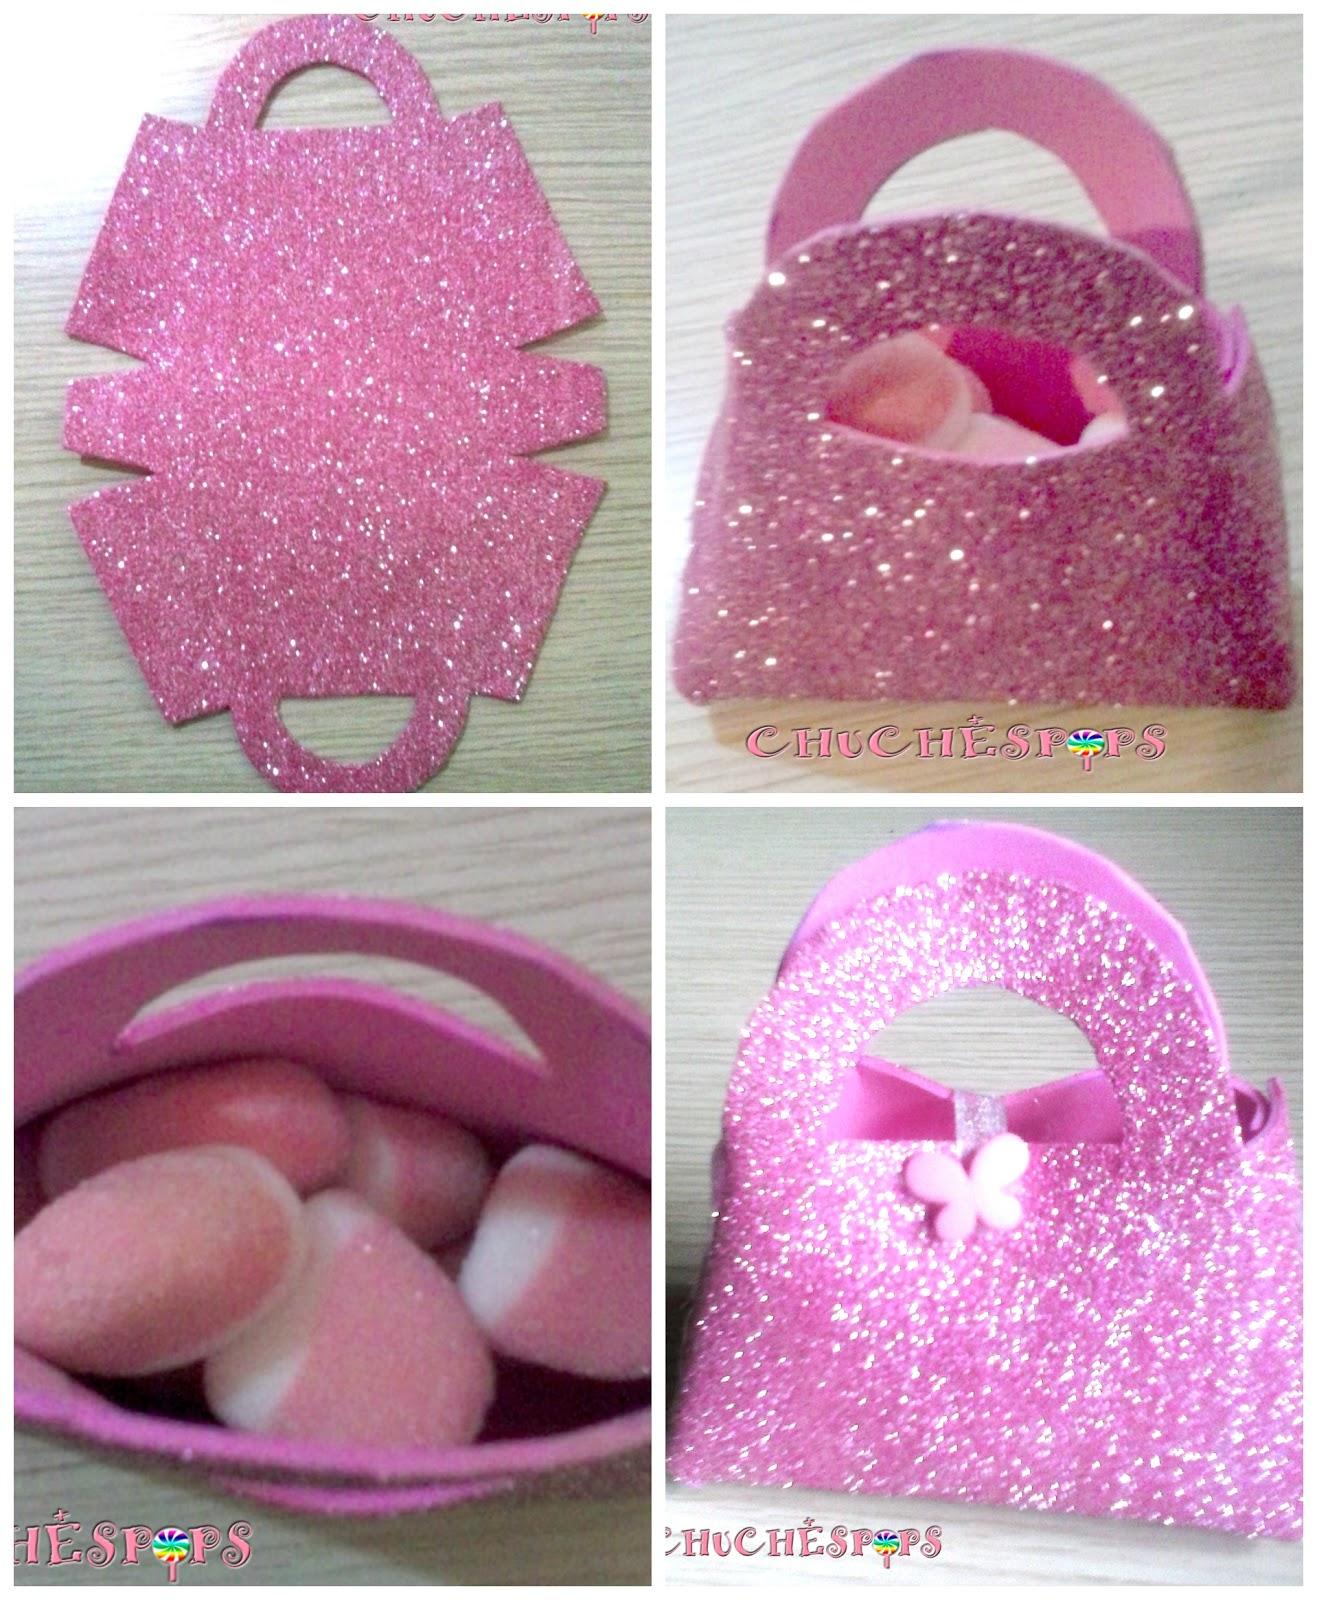 Chuchespops bolsito para chuches fashion - Como hacer un carrito de chuches paso a paso ...